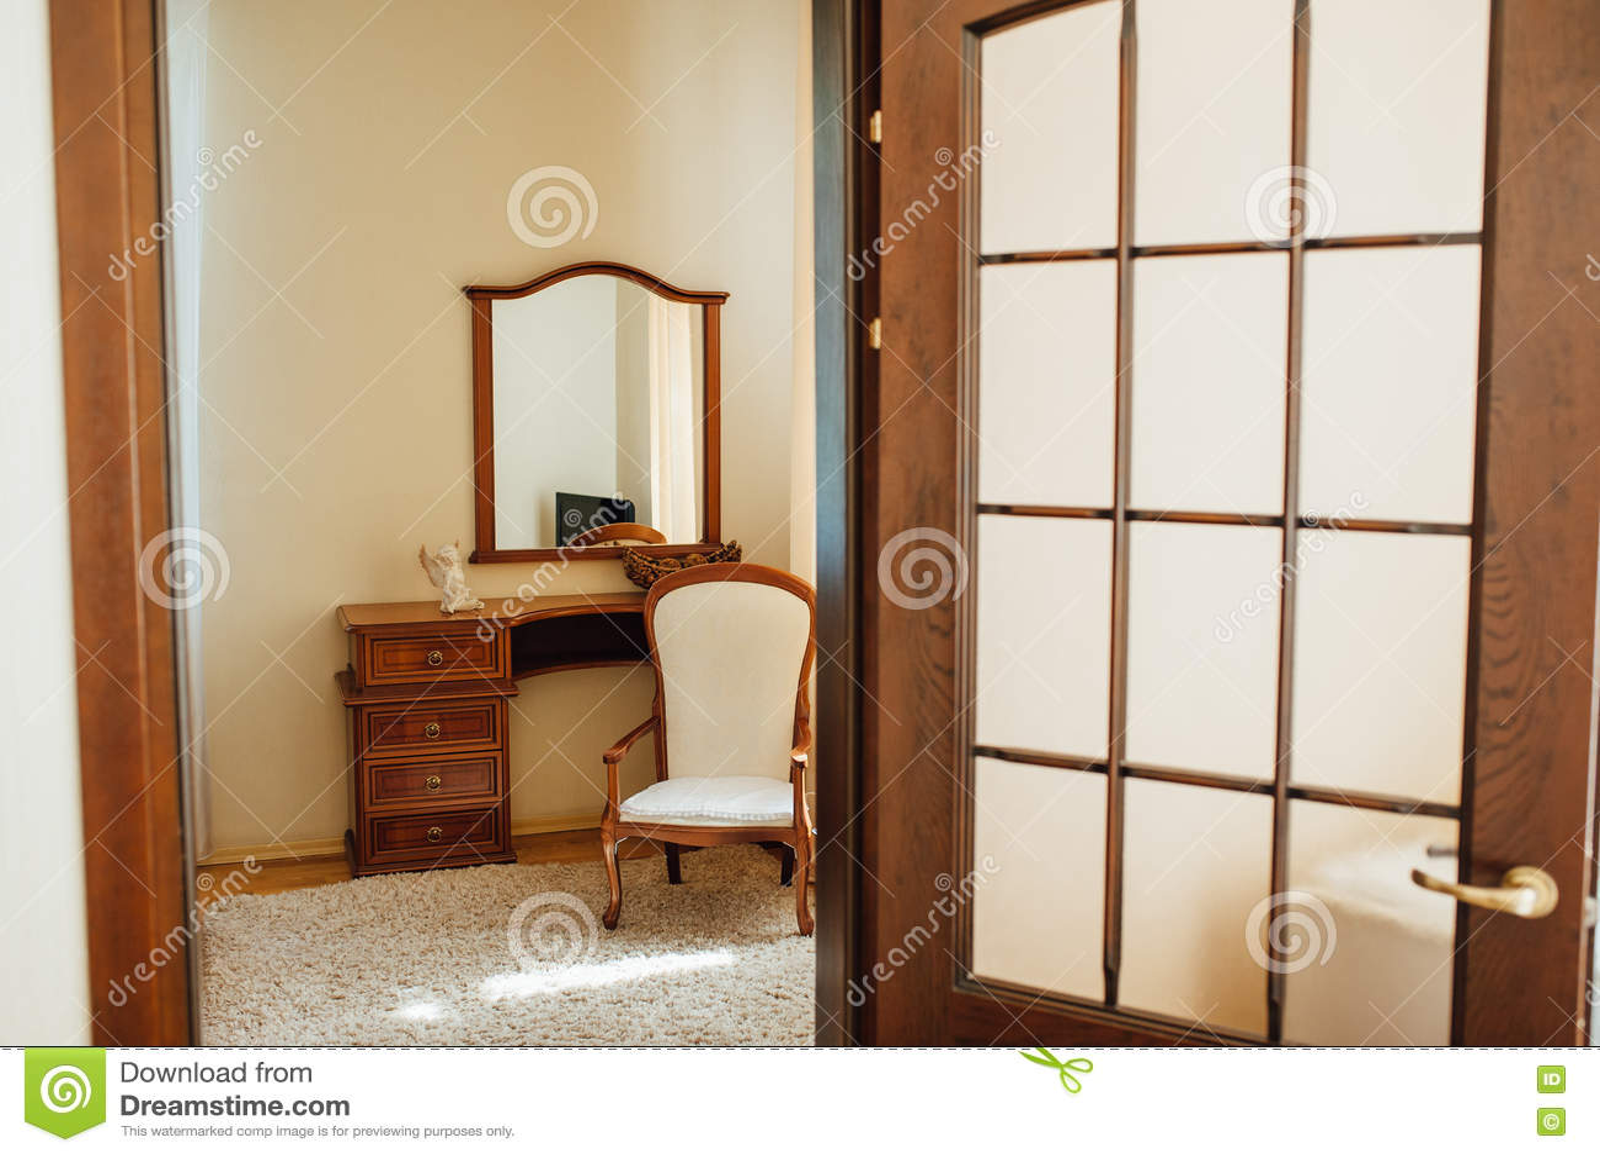 Σπίτι τραβερτινών: εσωτερικό του μπεζ καθιστικού